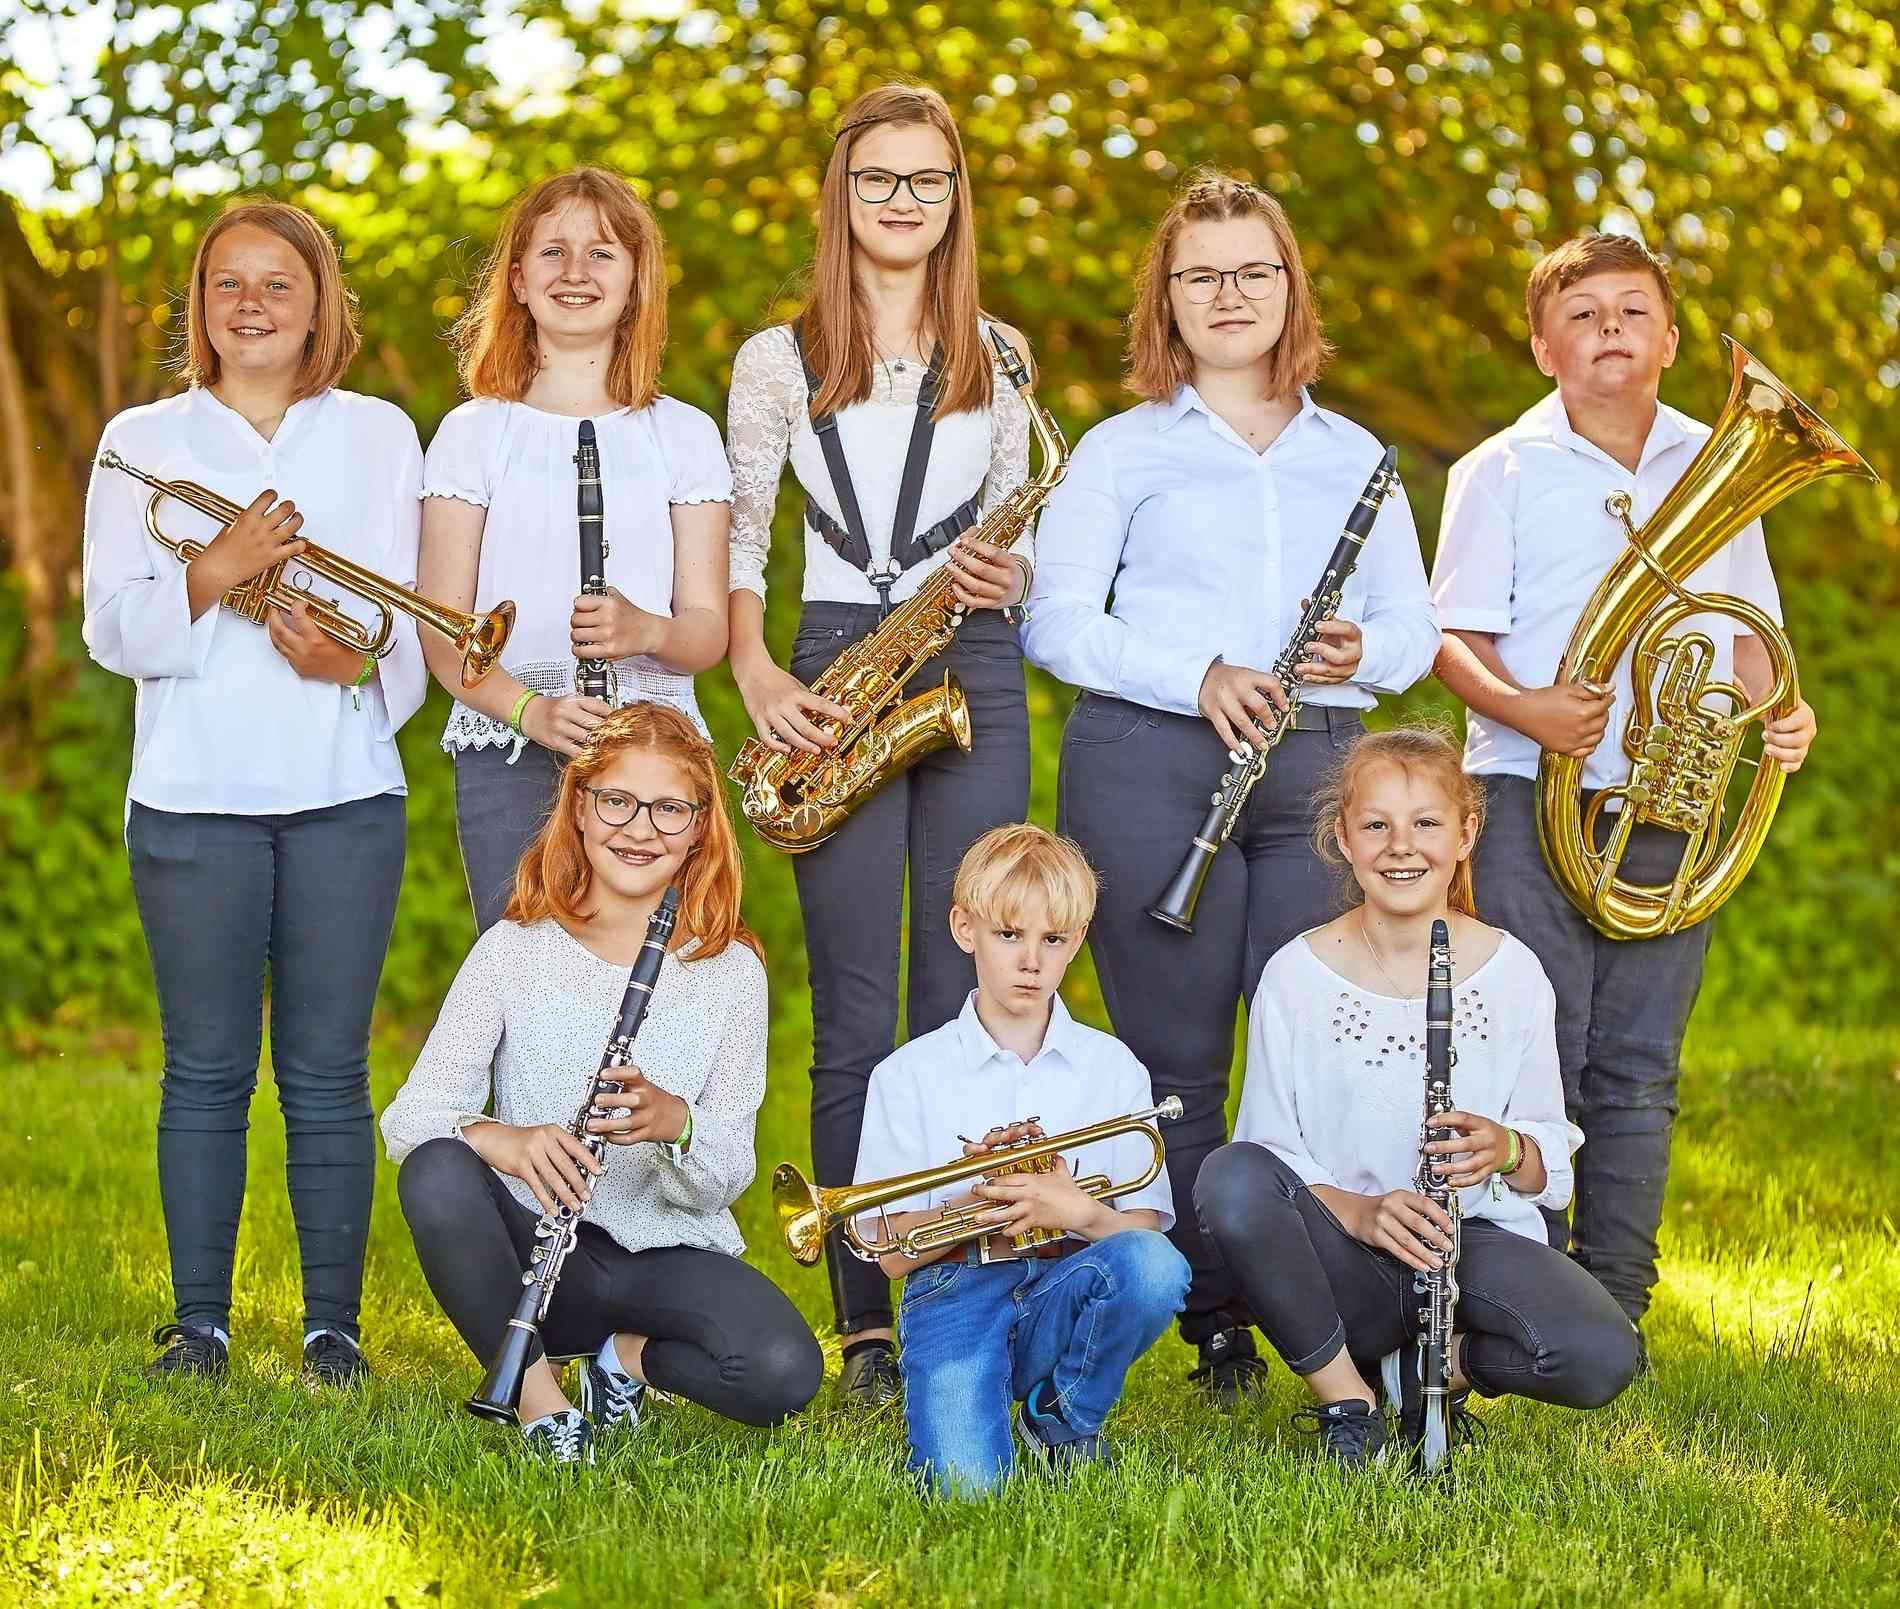 Früh übt sich: der musikalische Nachwuchs. Foto: Marc Föhr